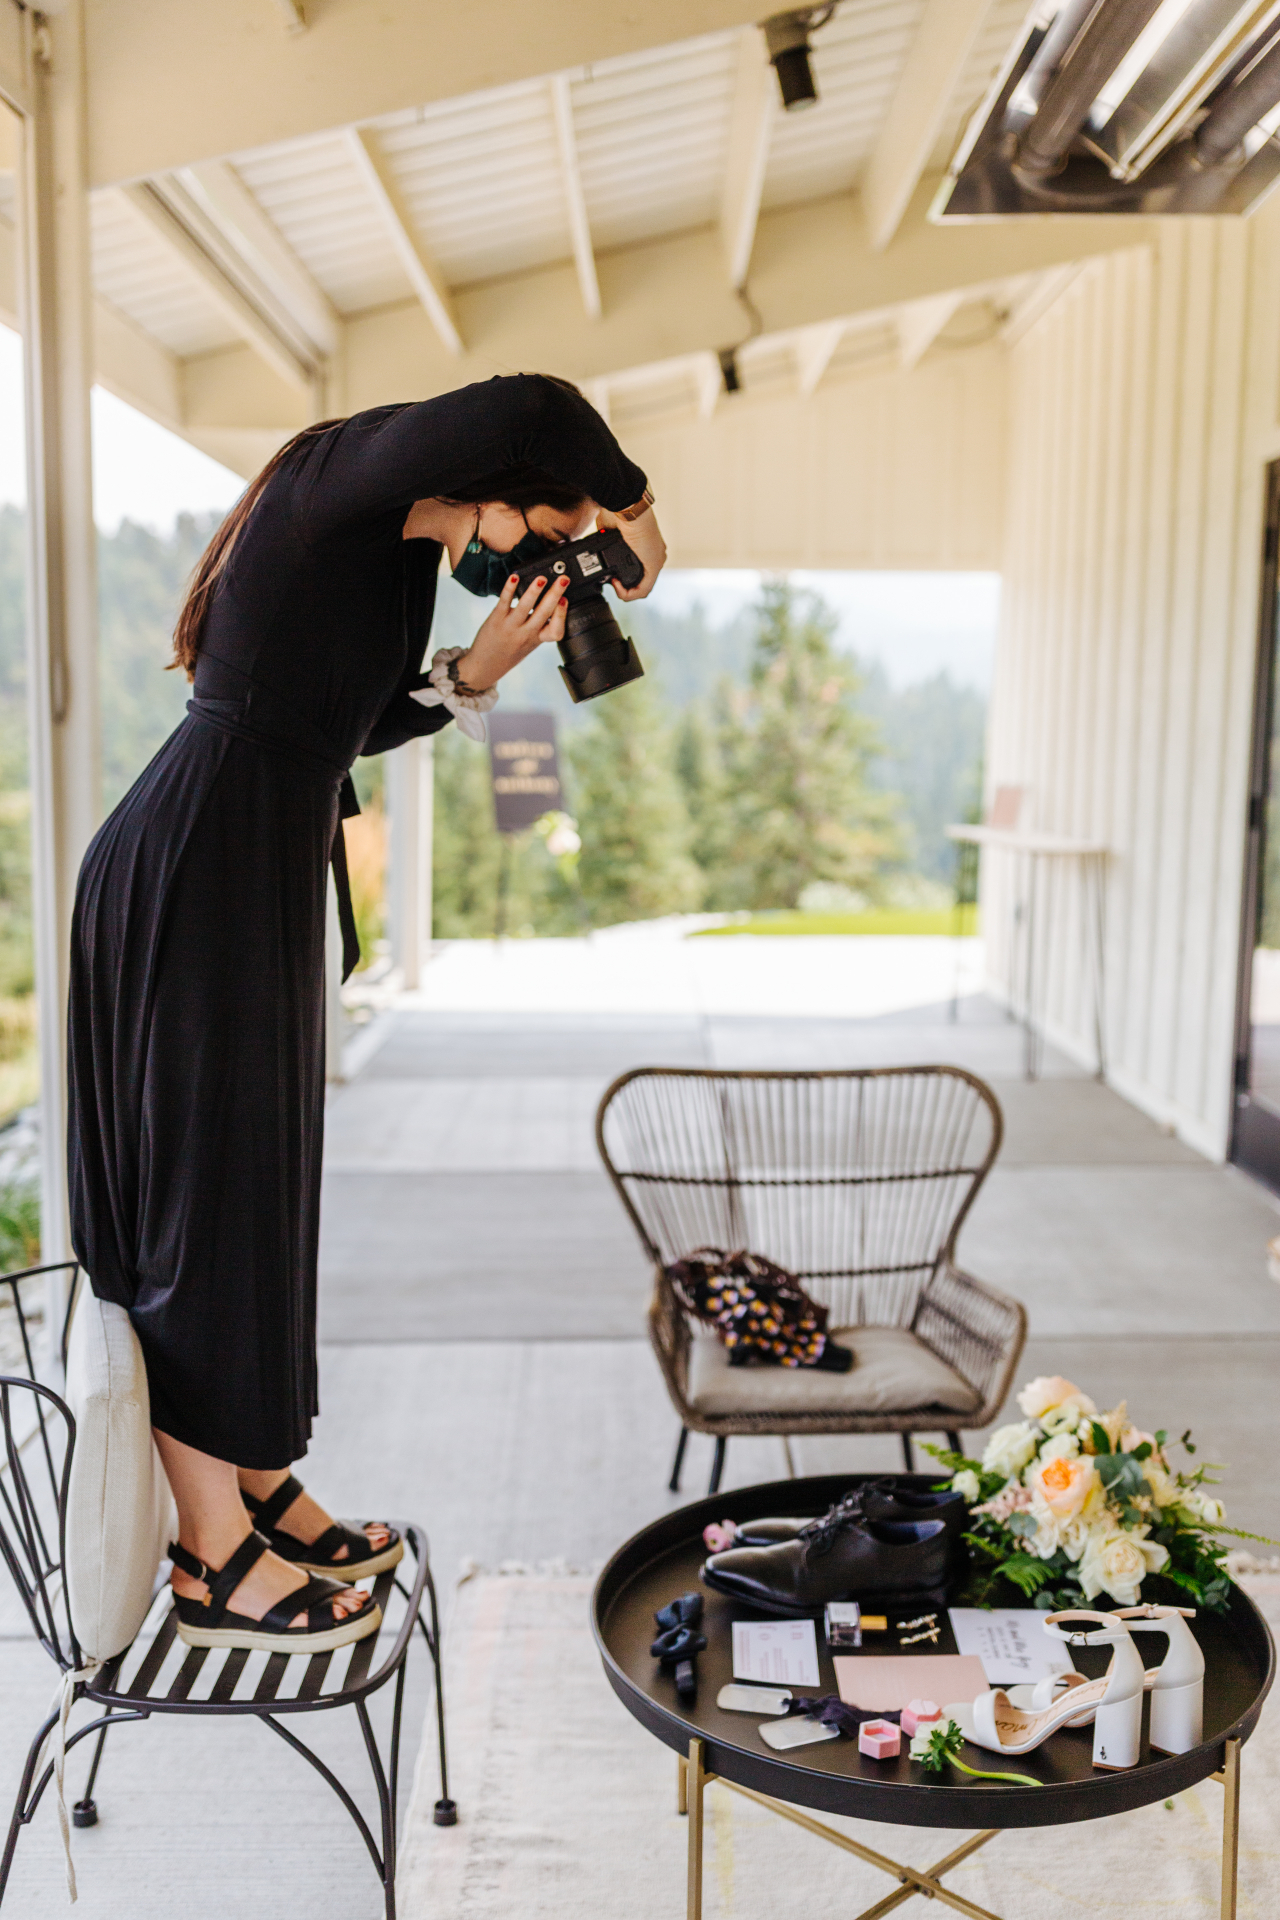 La fotógrafa de bodas de las montañas de Denver Erin Witt, tomando fotografías en un evento en Colorado